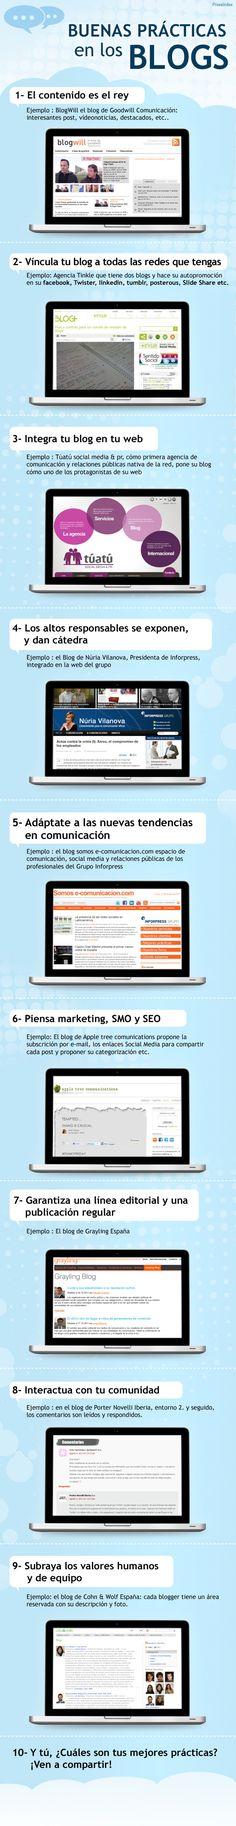 Buenas prácticas en los blogs #infografia